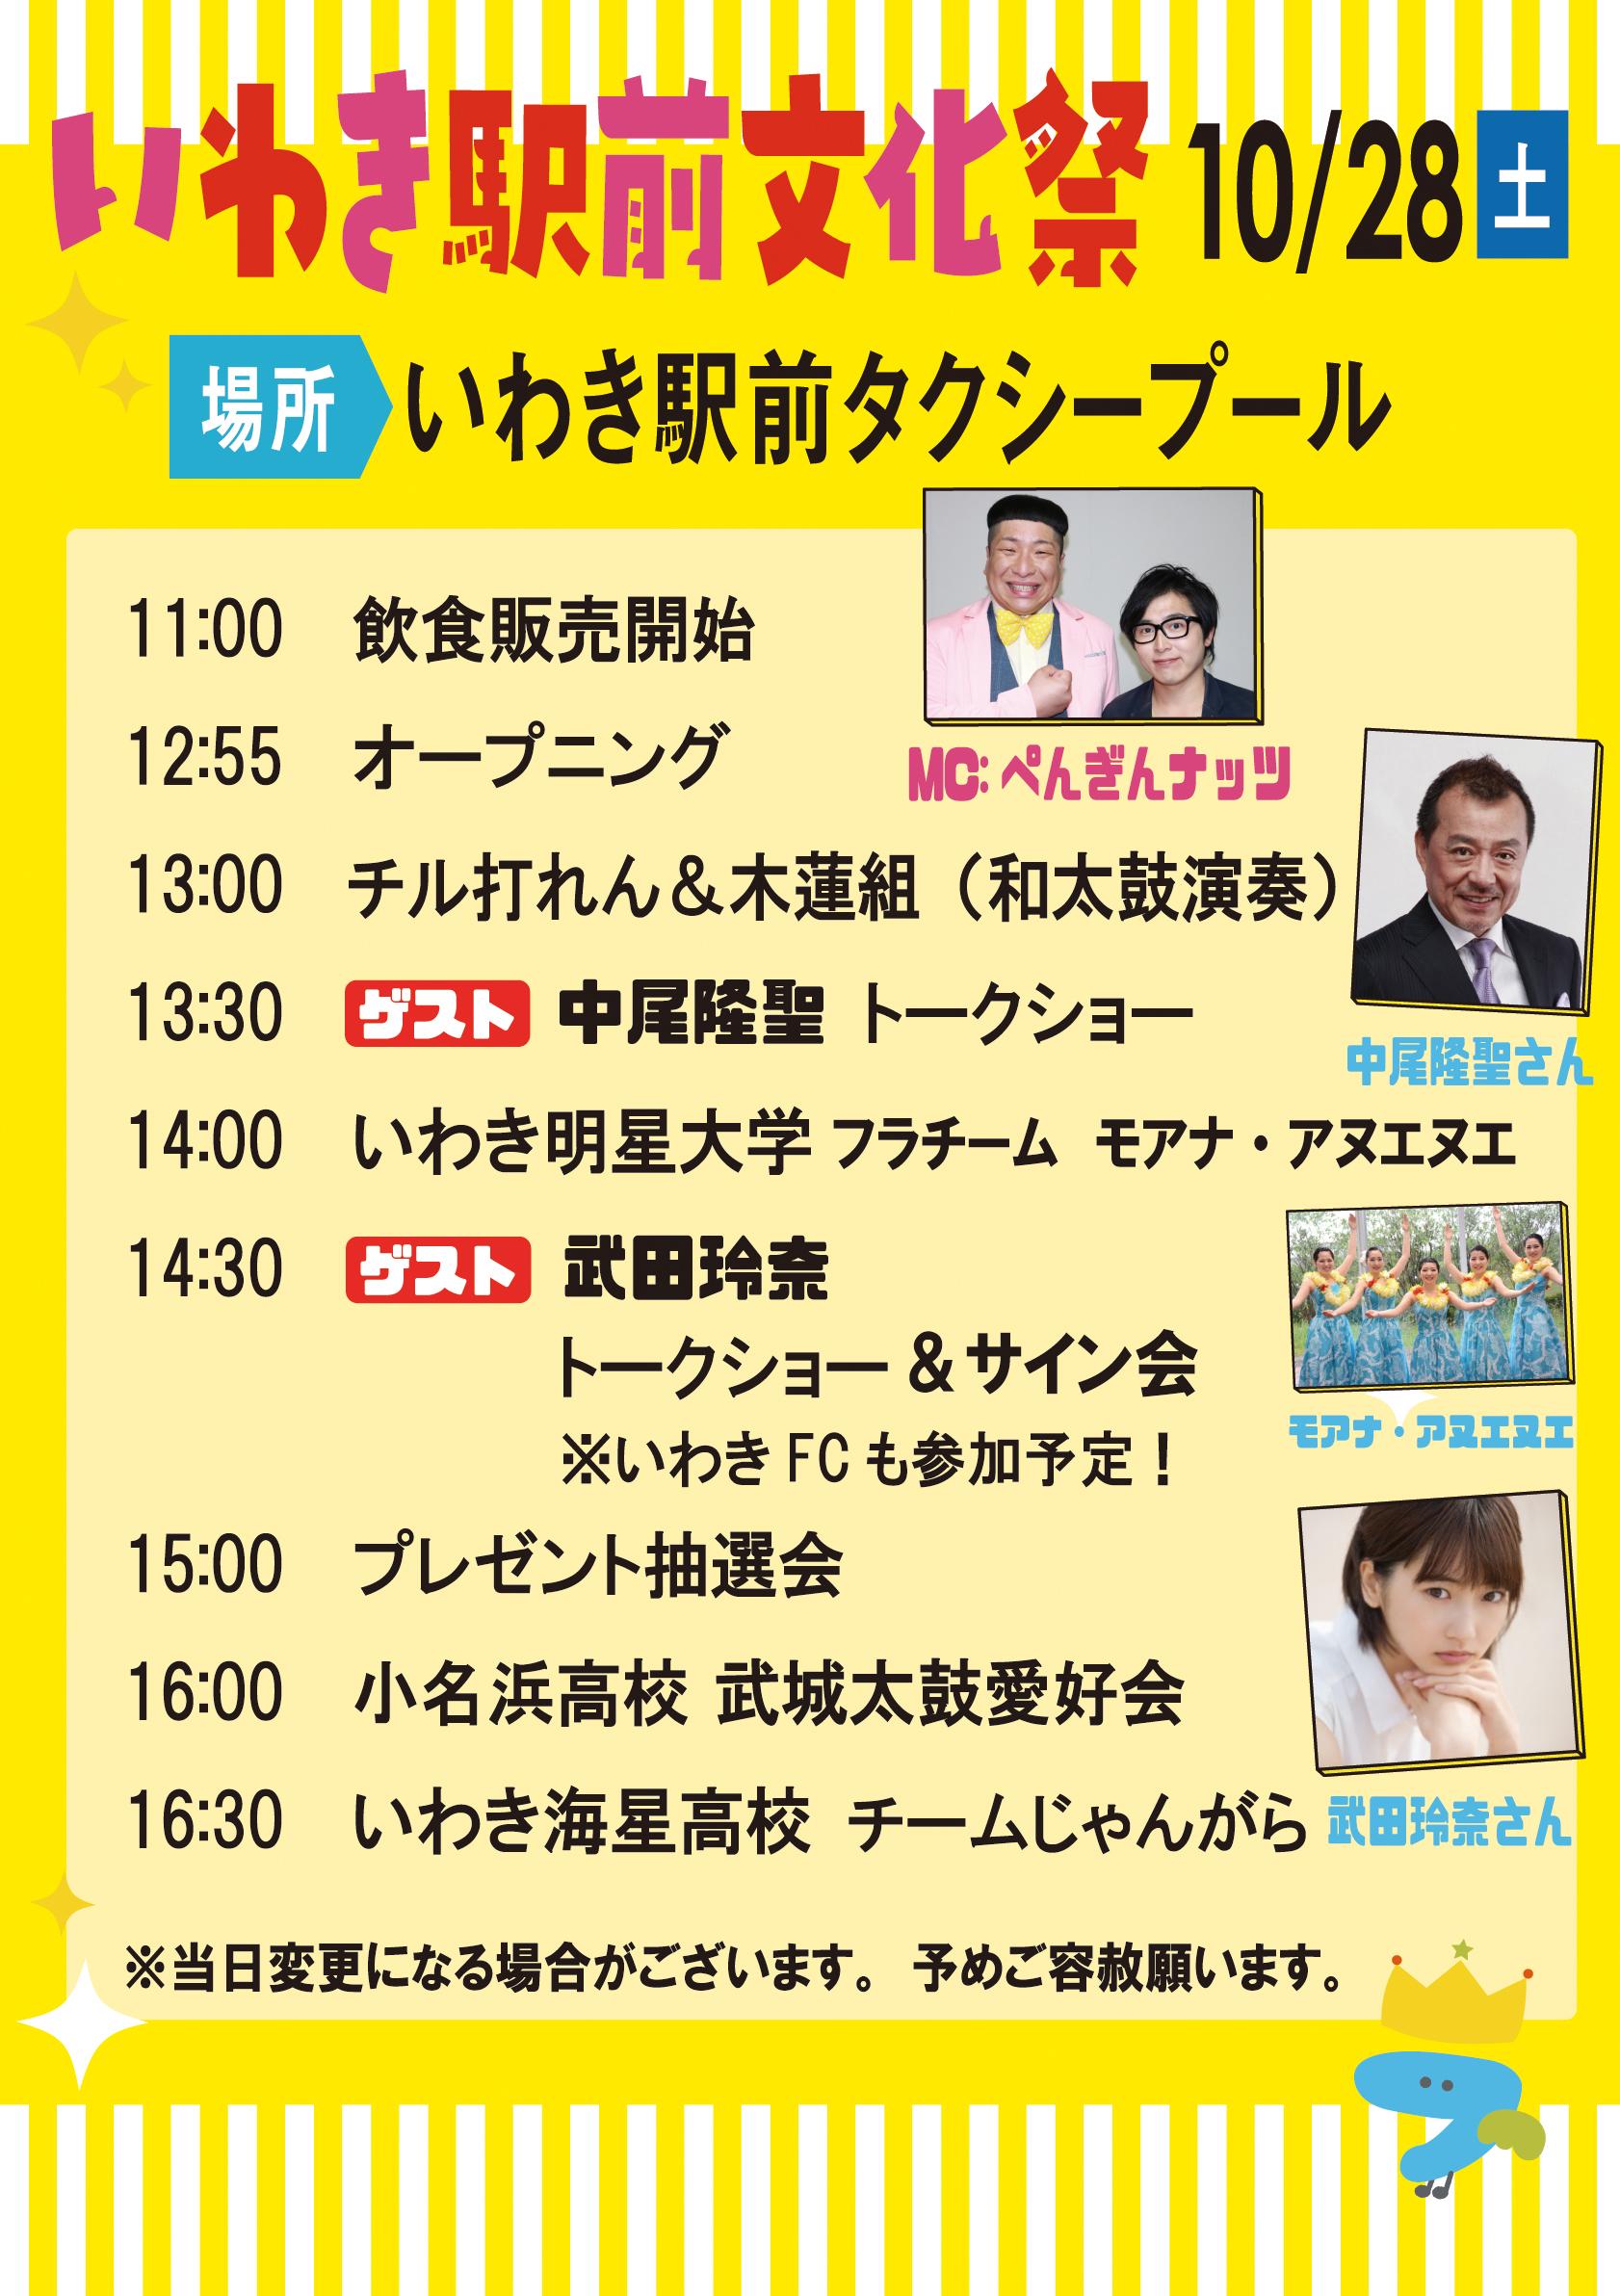 いわき駅前文化祭★10月28日(土)